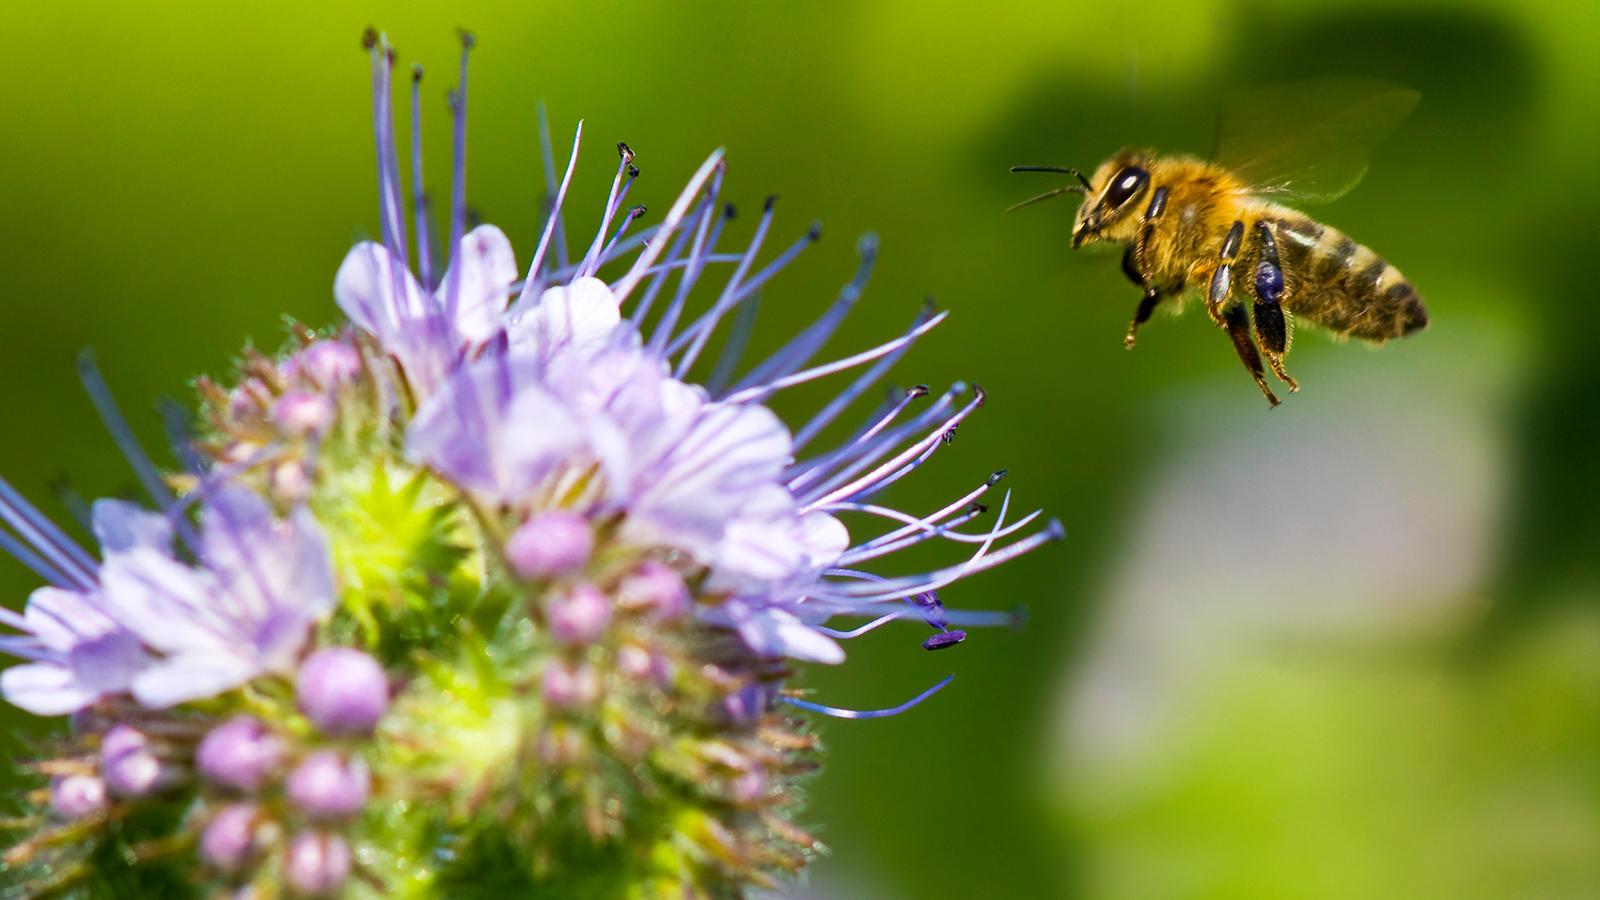 ပျားများ၏ အသုံးဝင်ပုံများ